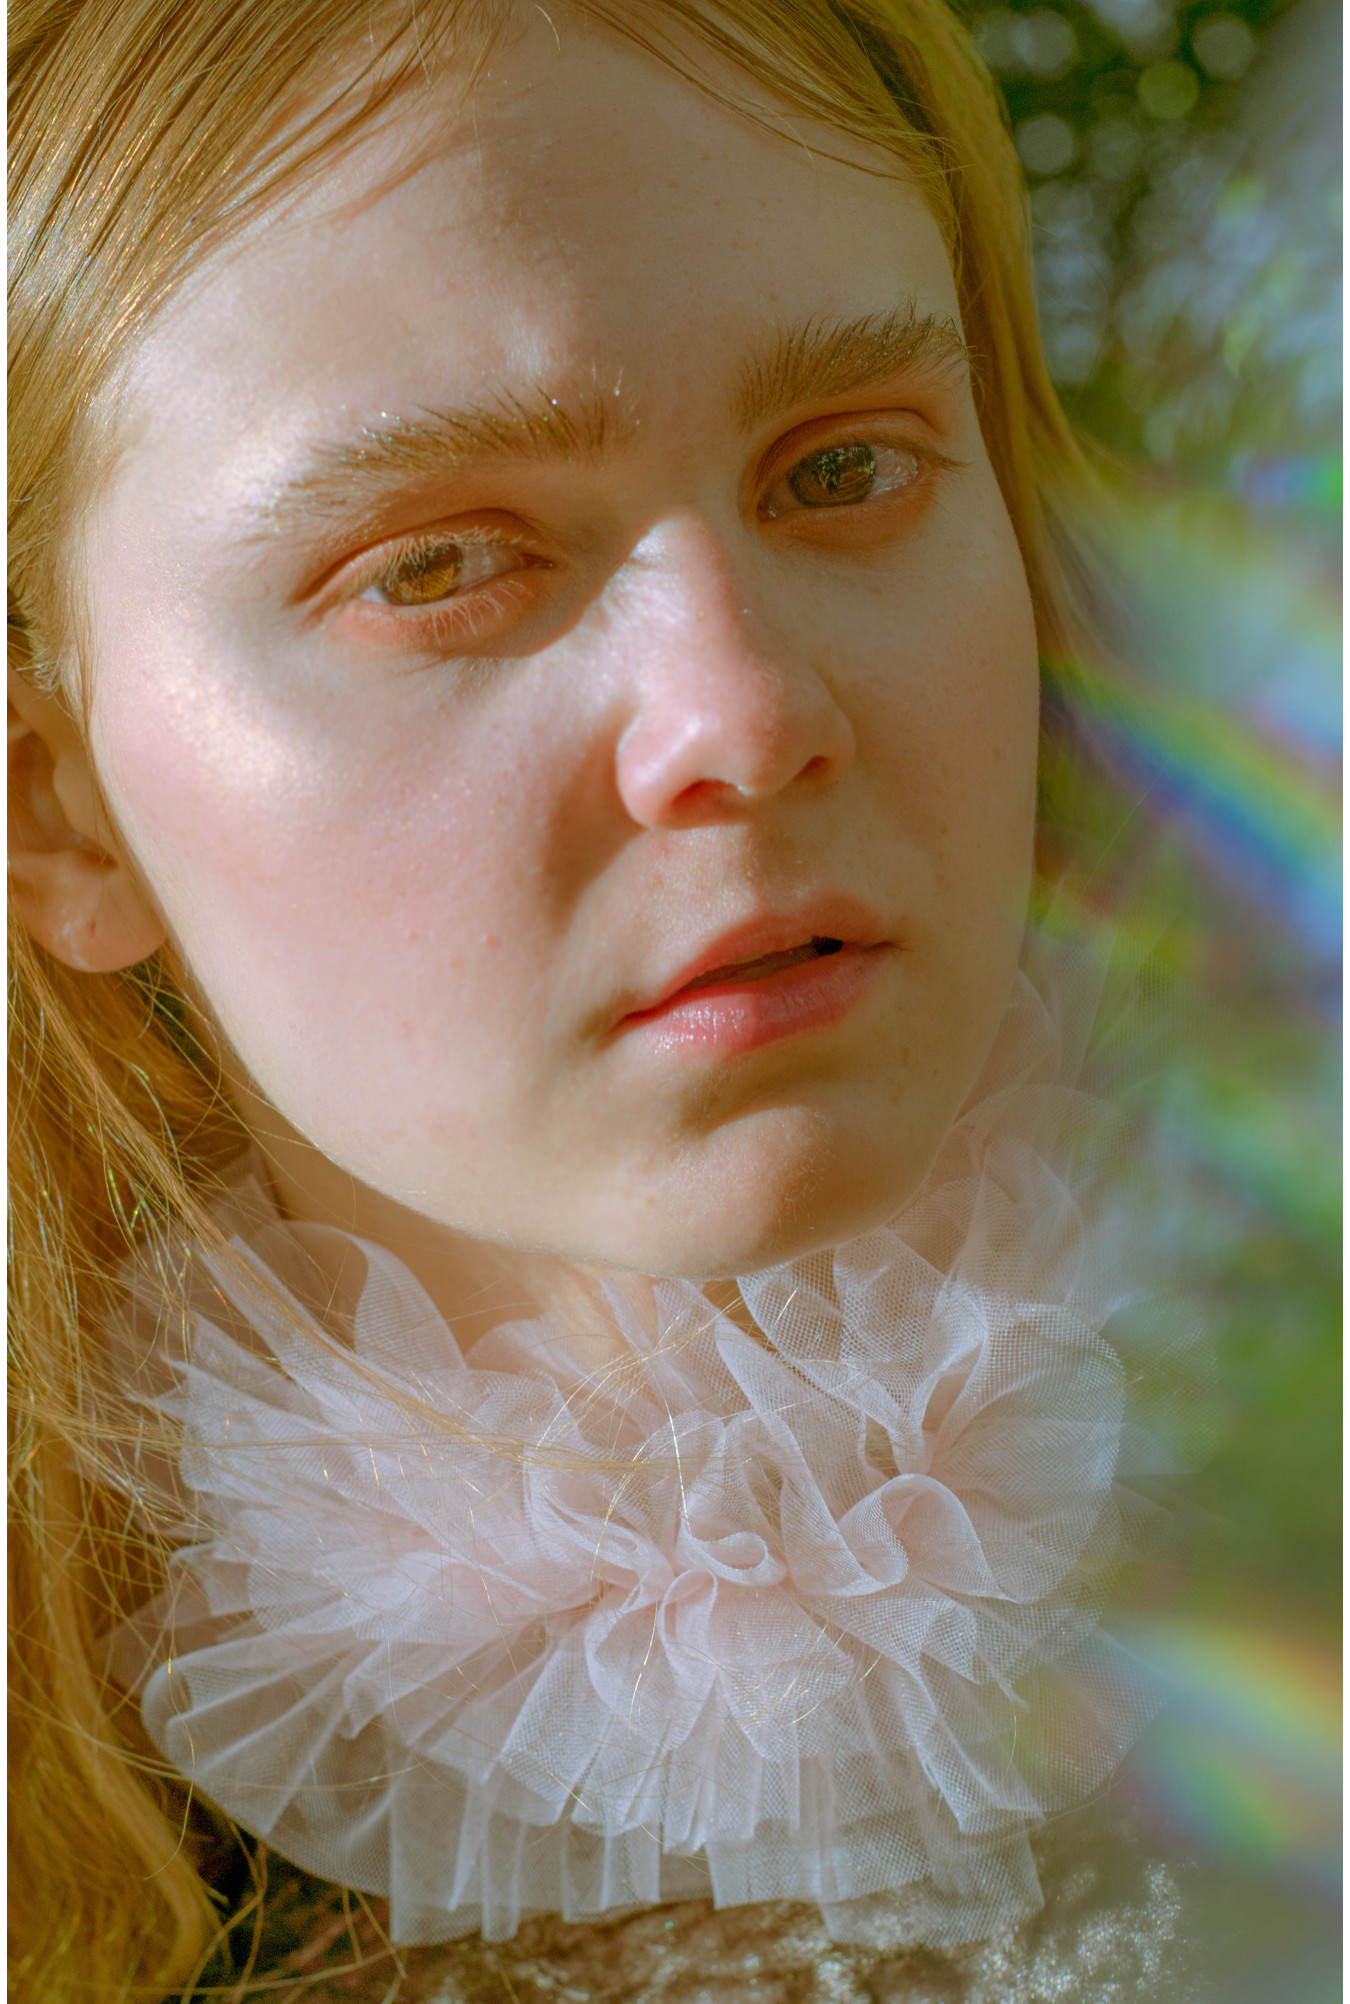 Emerson, by Sonia Lorey